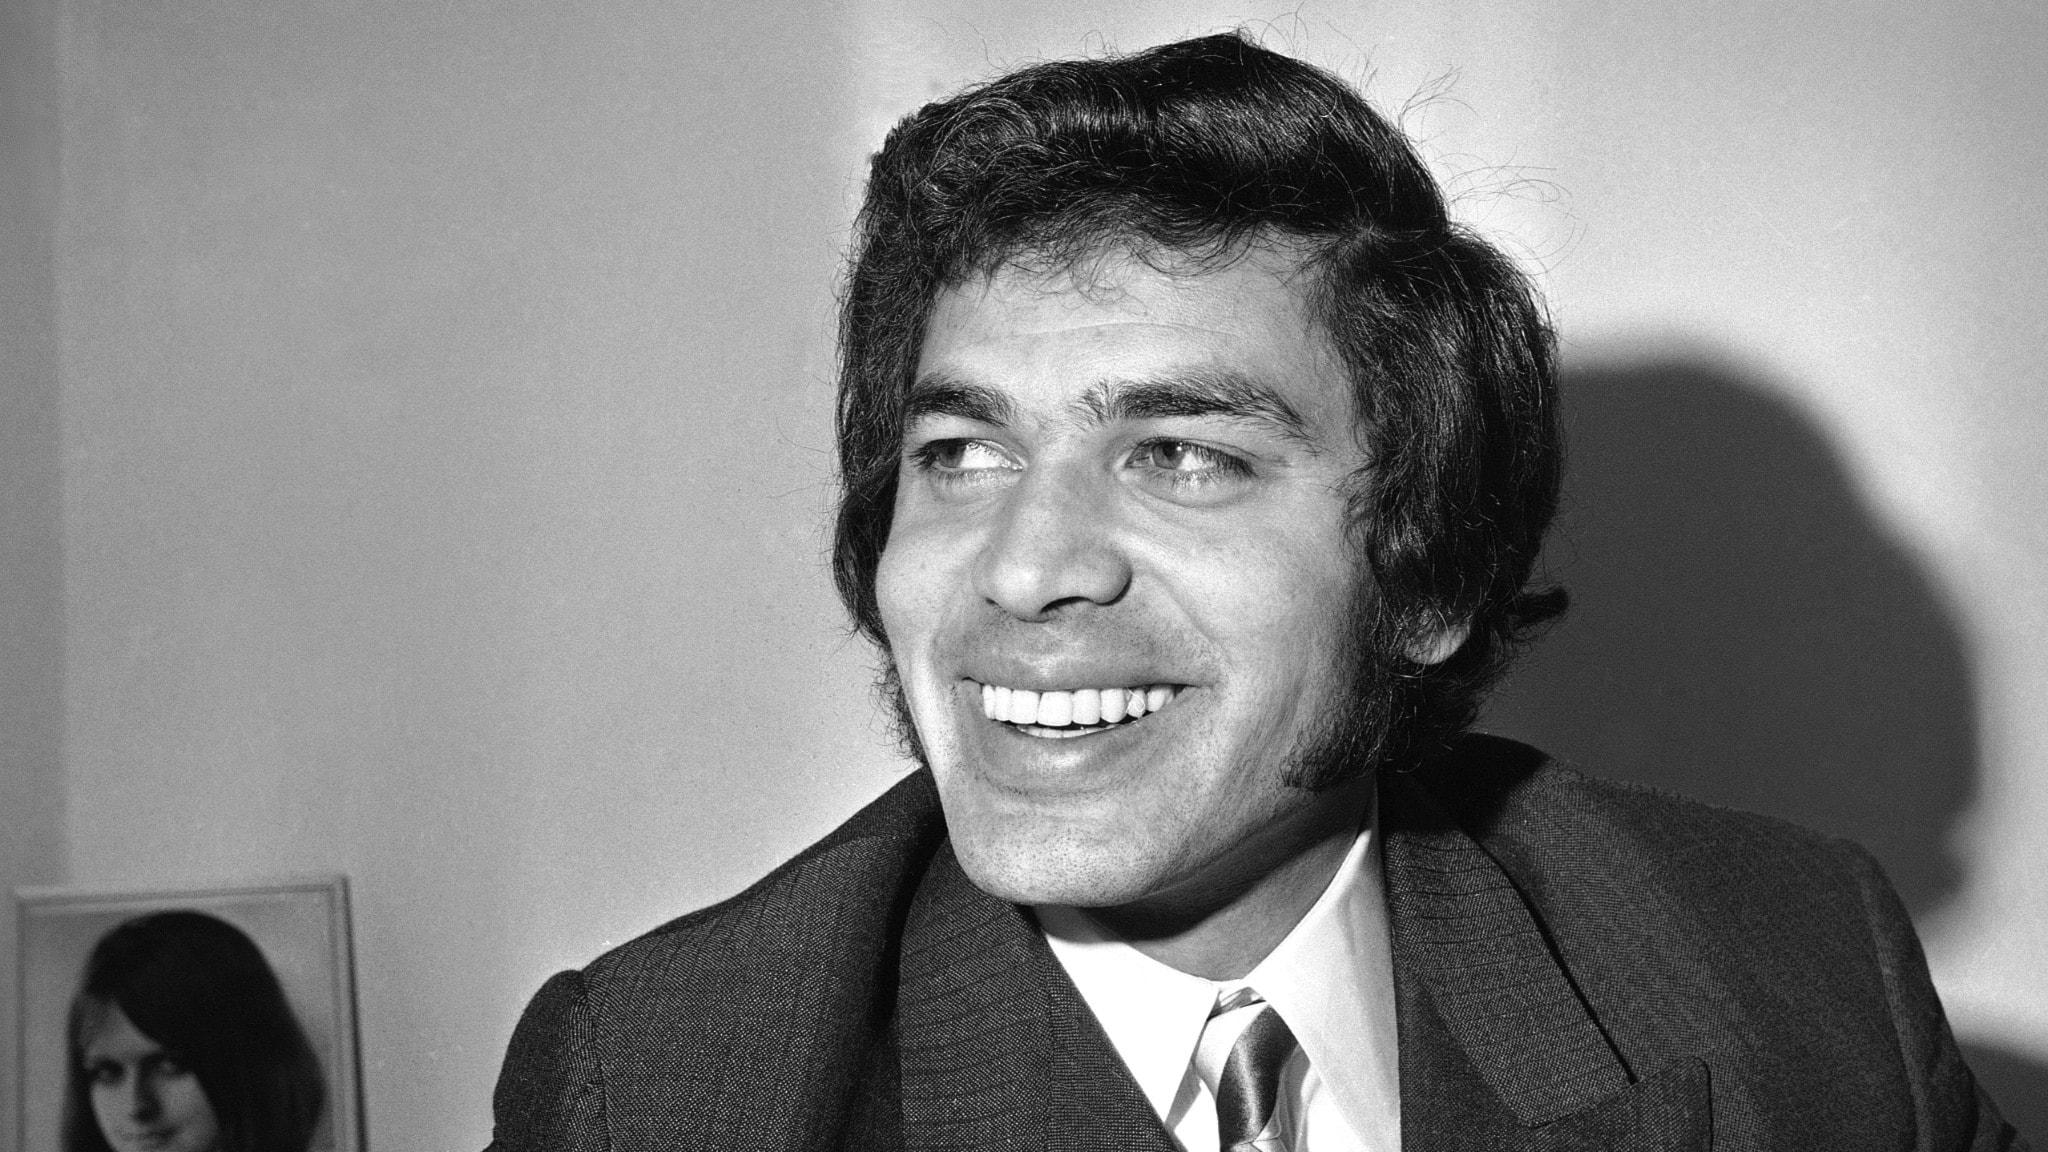 Engelbert Humperdinck i profil från vänster sida. Han ler. Bilden är tagen i slutet av 60-talet.